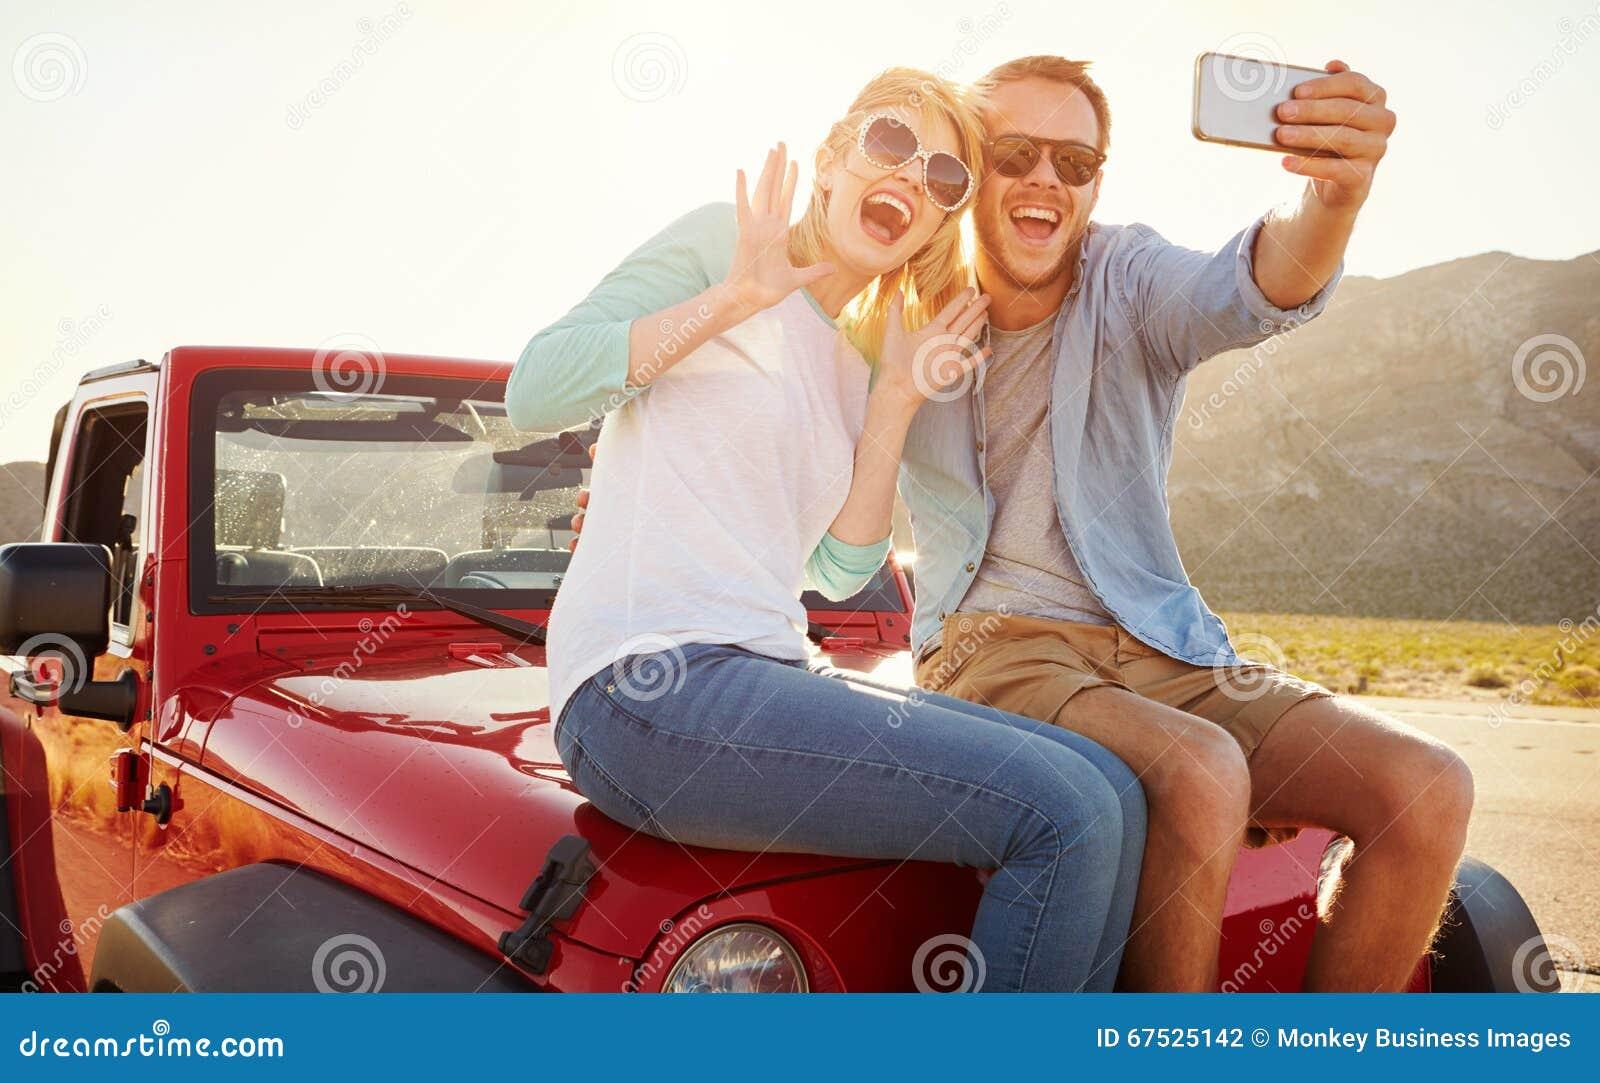 Το ζεύγος στο οδικό ταξίδι κάθεται στο μετατρέψιμο αυτοκίνητο που παίρνει Selfie